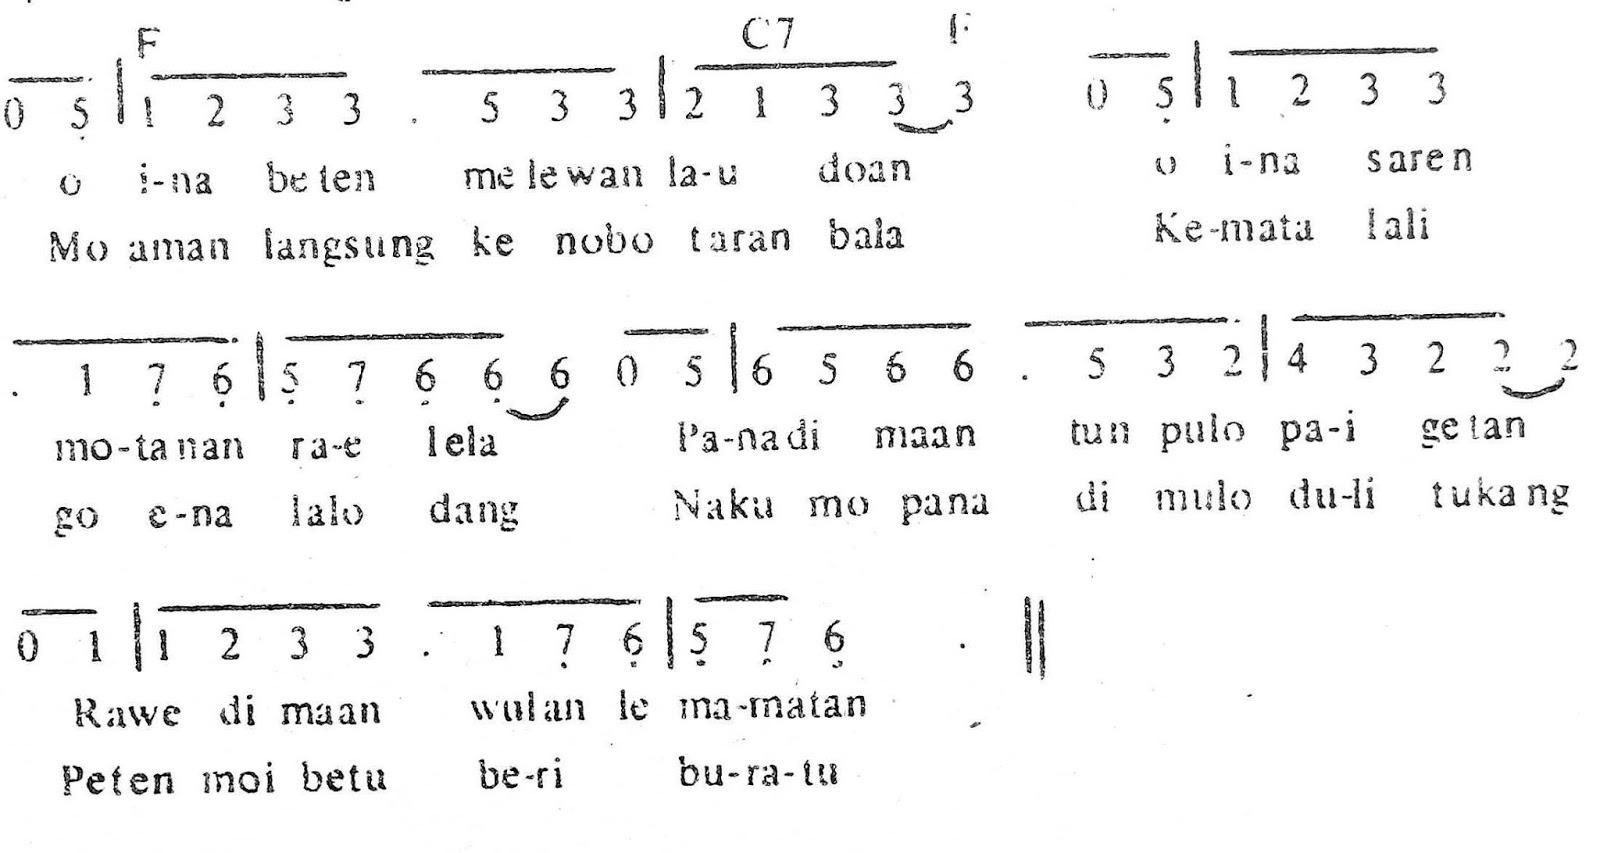 Chord & Arti Lirik Lagu Nusa Tenggara Timur: Tutu Koda + Not Angka